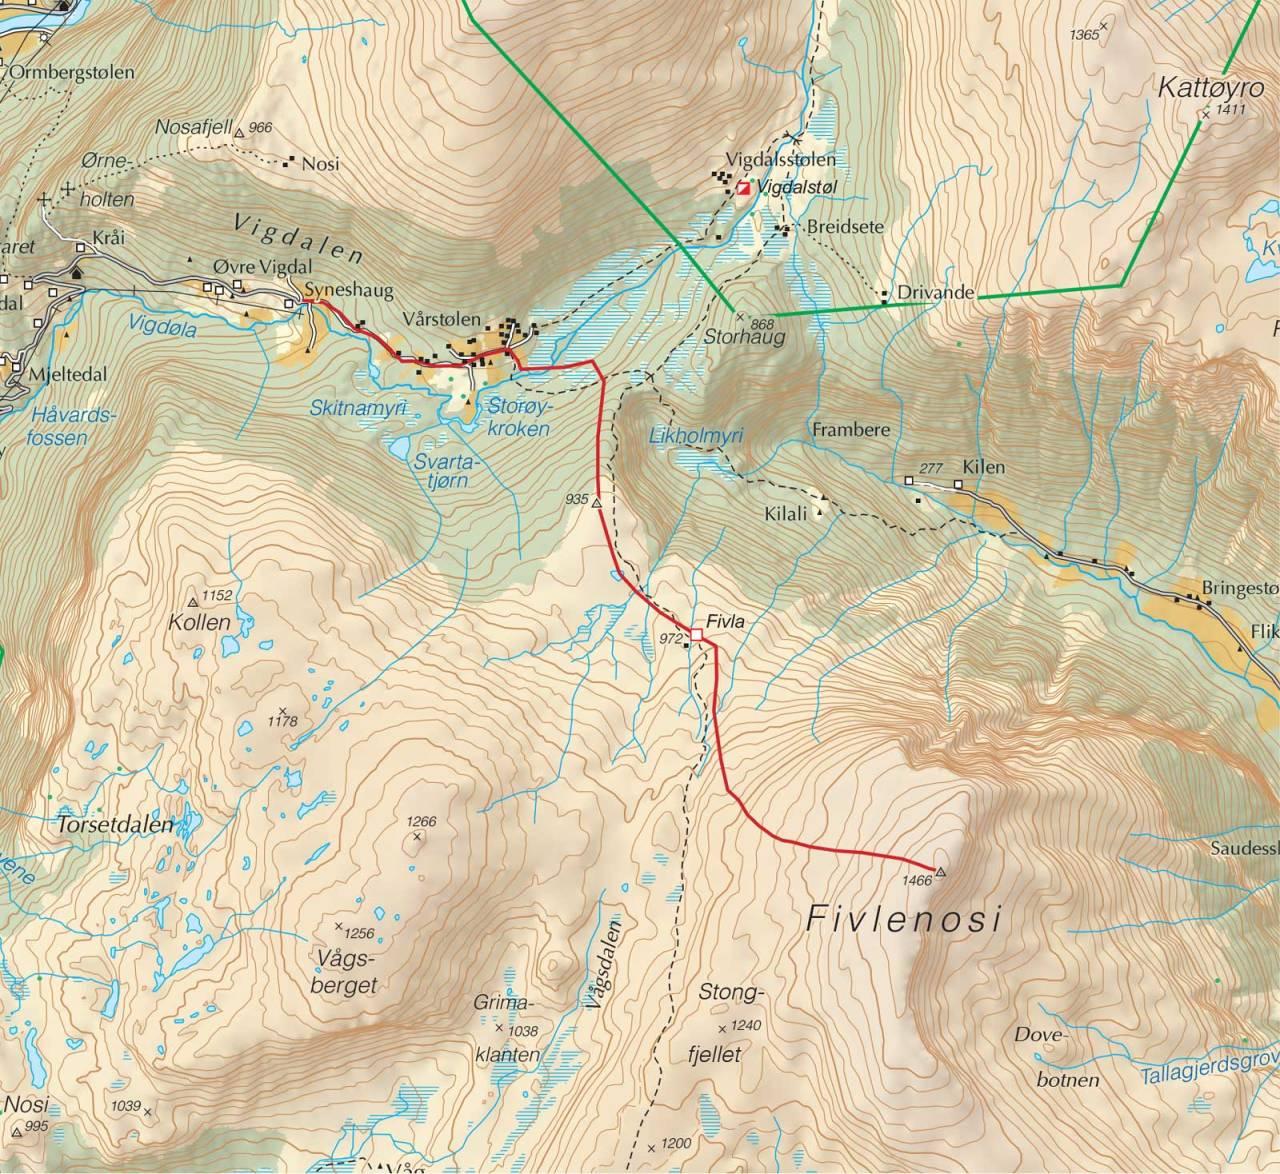 Kart over Fivlenosi med inntegnet rute. Fra Trygge toppturer.